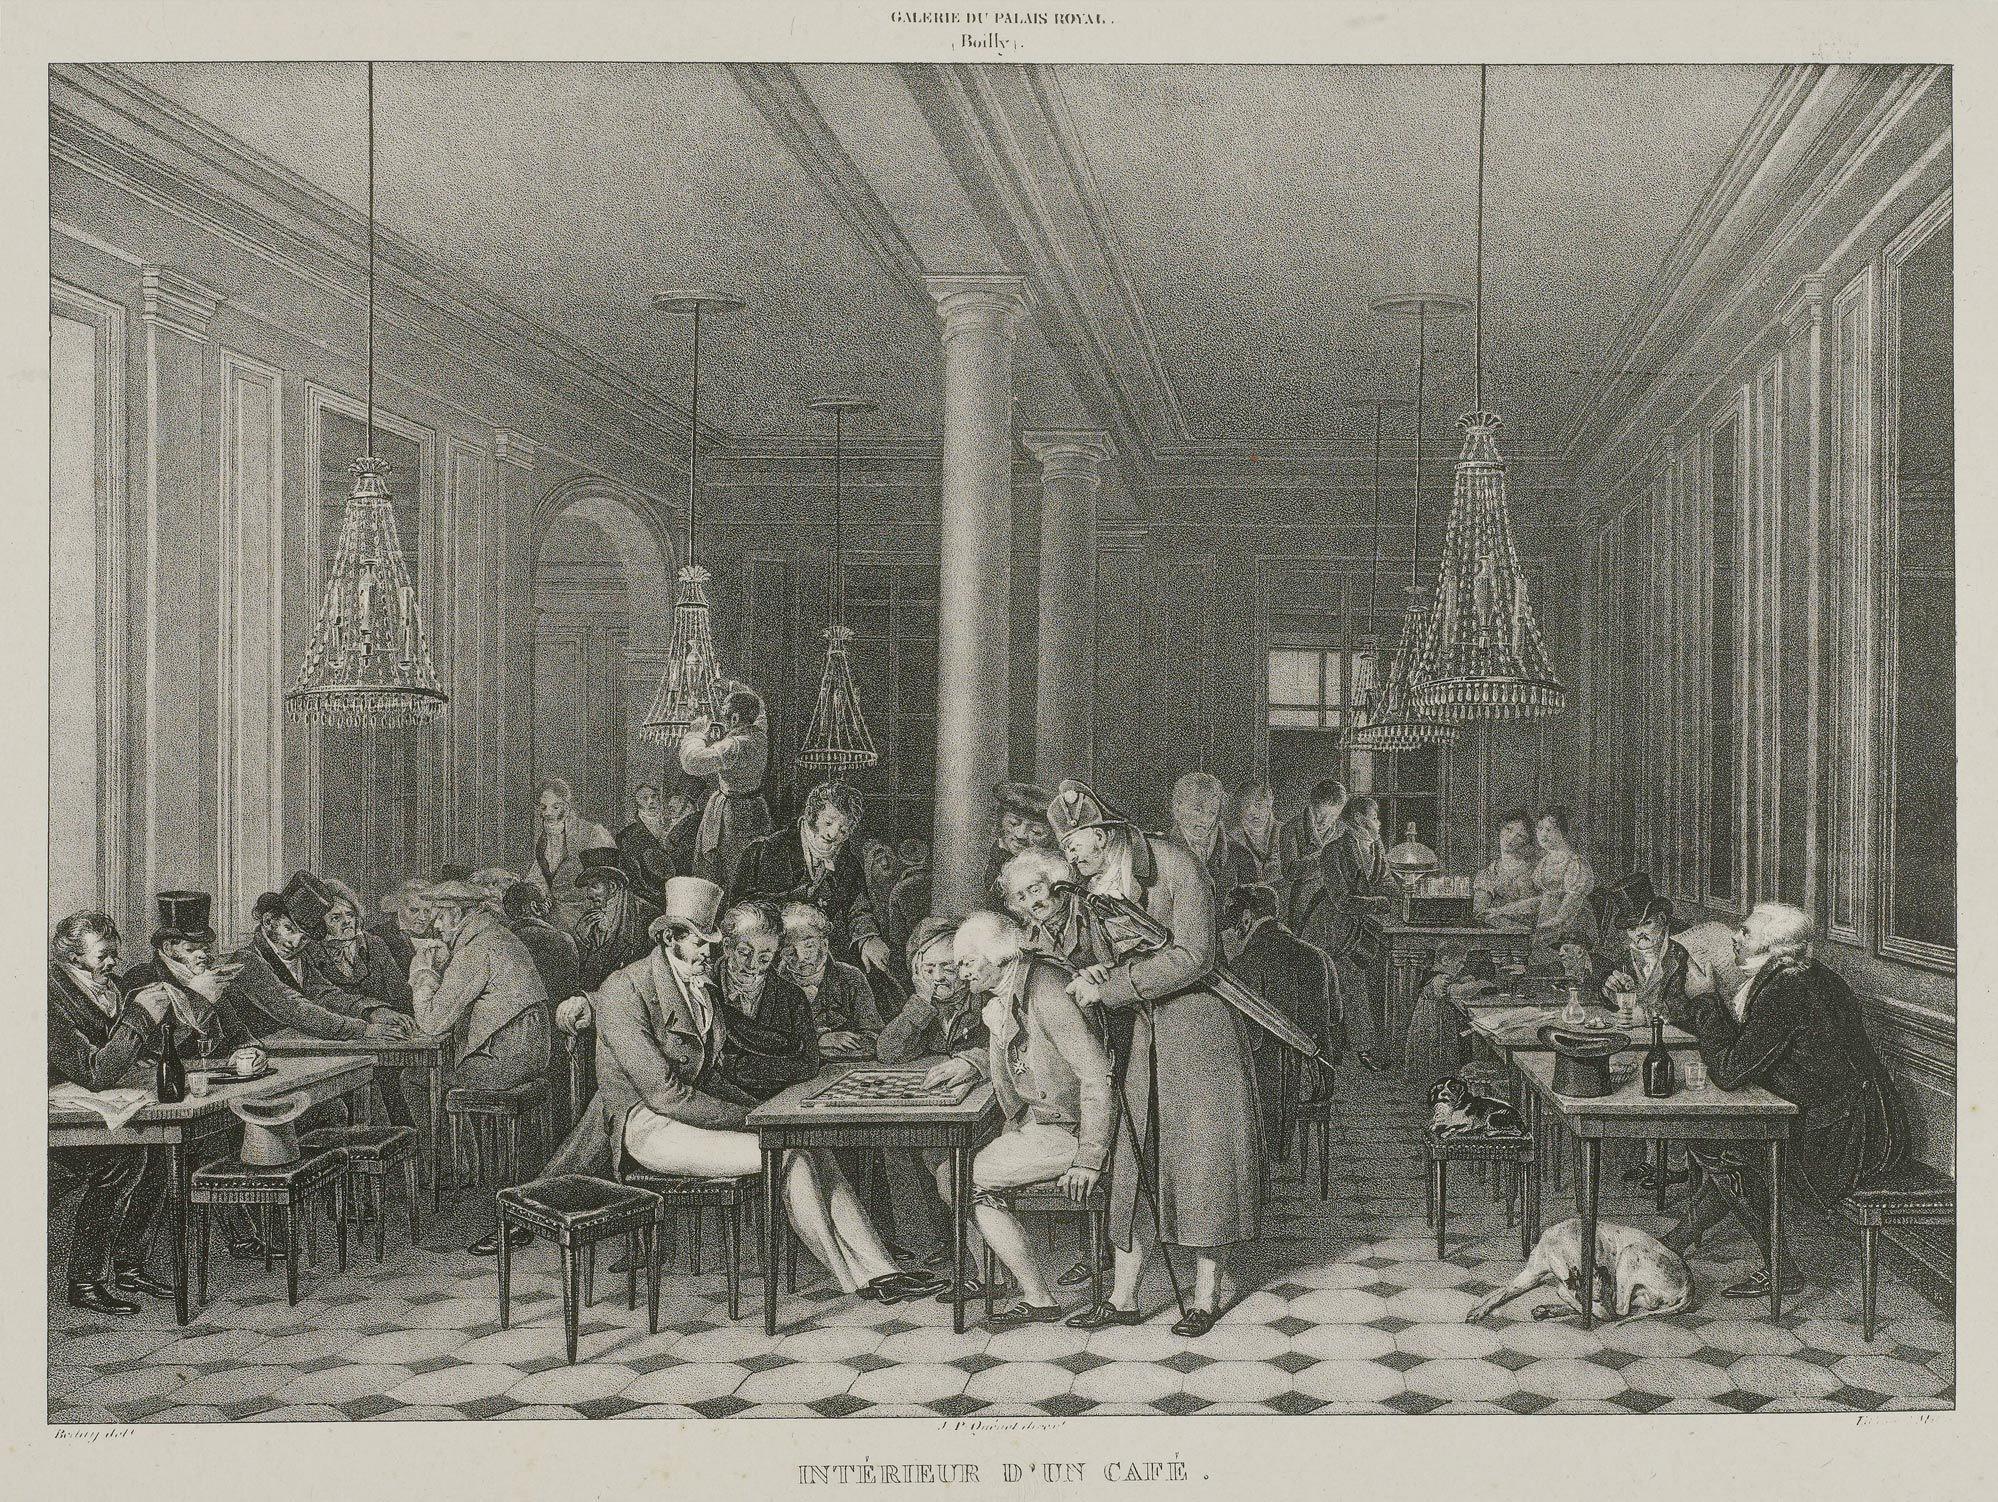 Interior de un café - Galería del Palacio Royal: Boilly - 1808